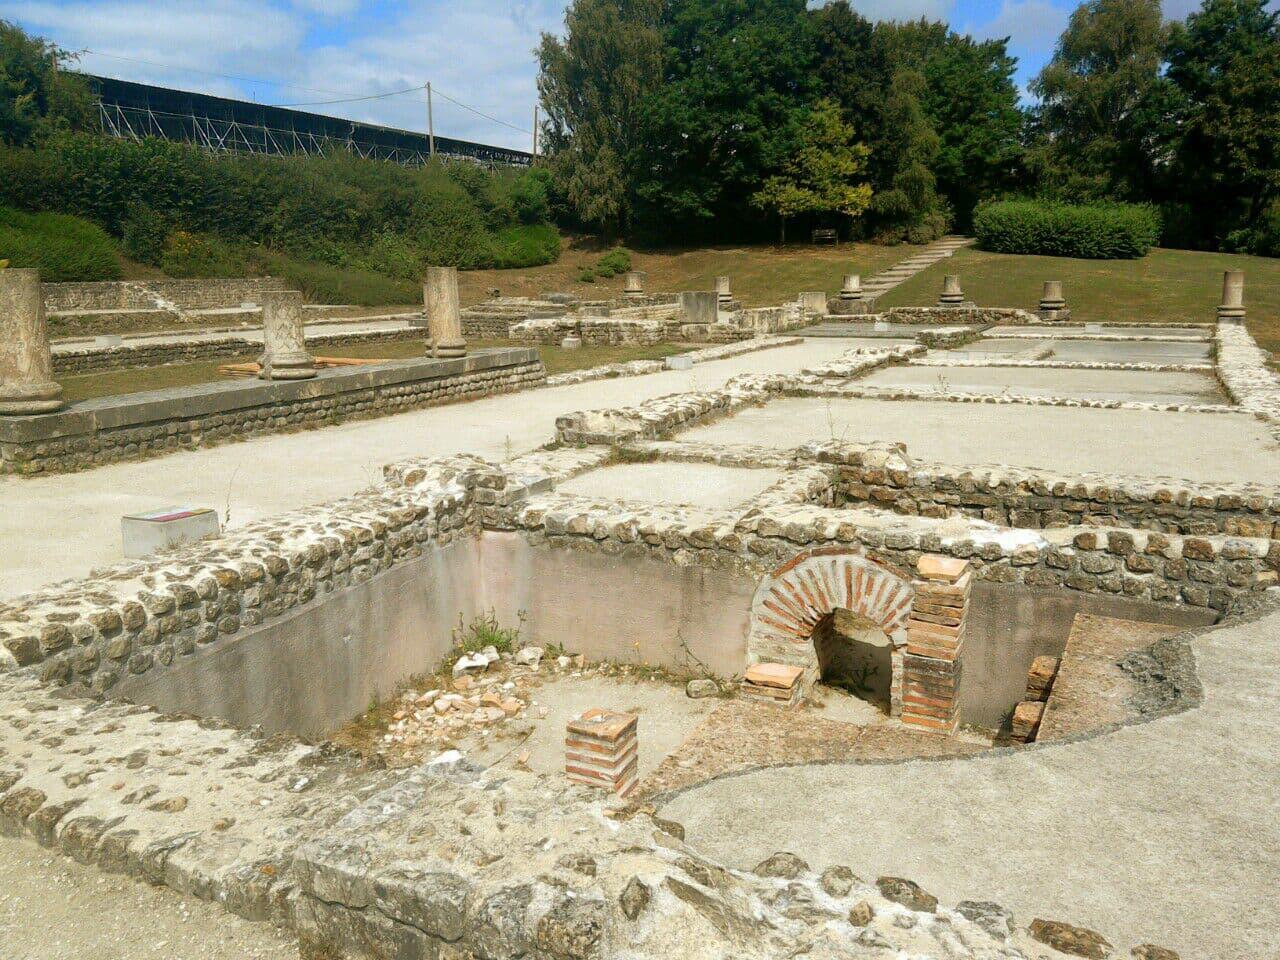 Vieux-la-Roamine, villa romaine au sud de Caen, Normandie